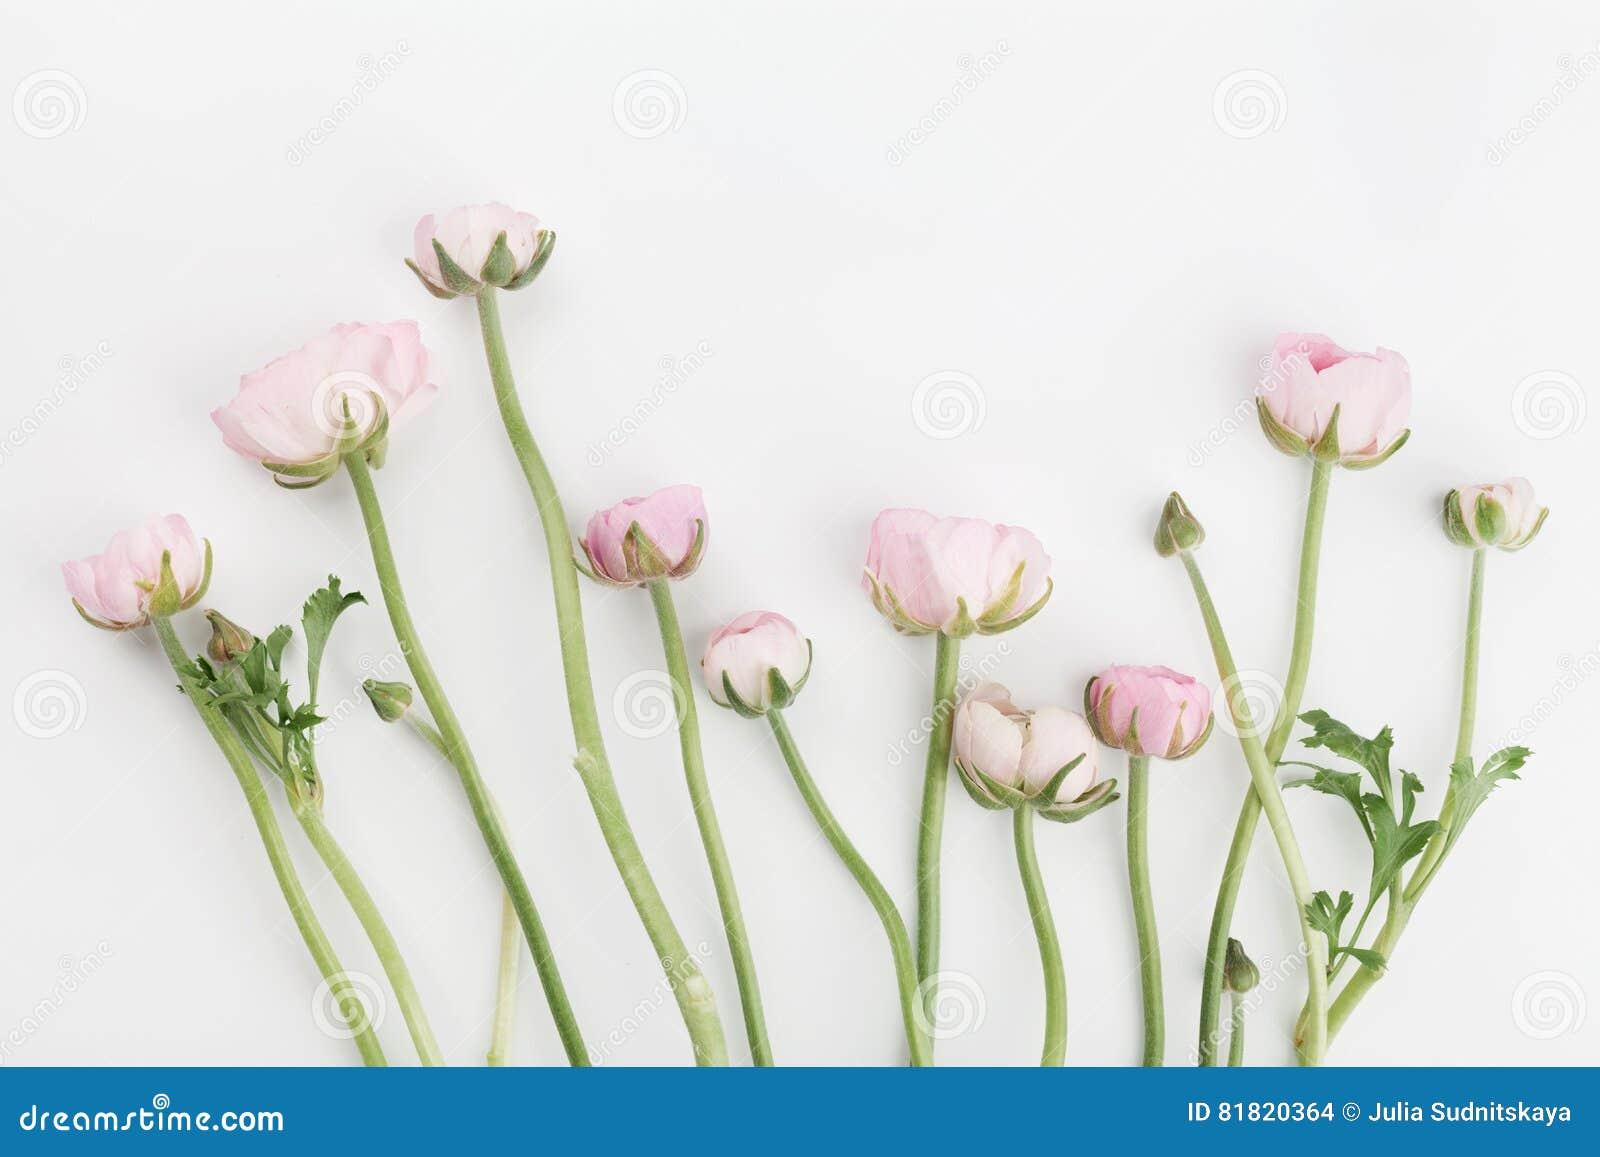 Όμορφα λουλούδια βατραχίων άνοιξη στο άσπρο υπόβαθρο άνωθεν σύνορα floral Χρώμα κρητιδογραφιών Γαμήλιο πρότυπο Επίπεδος βάλτε